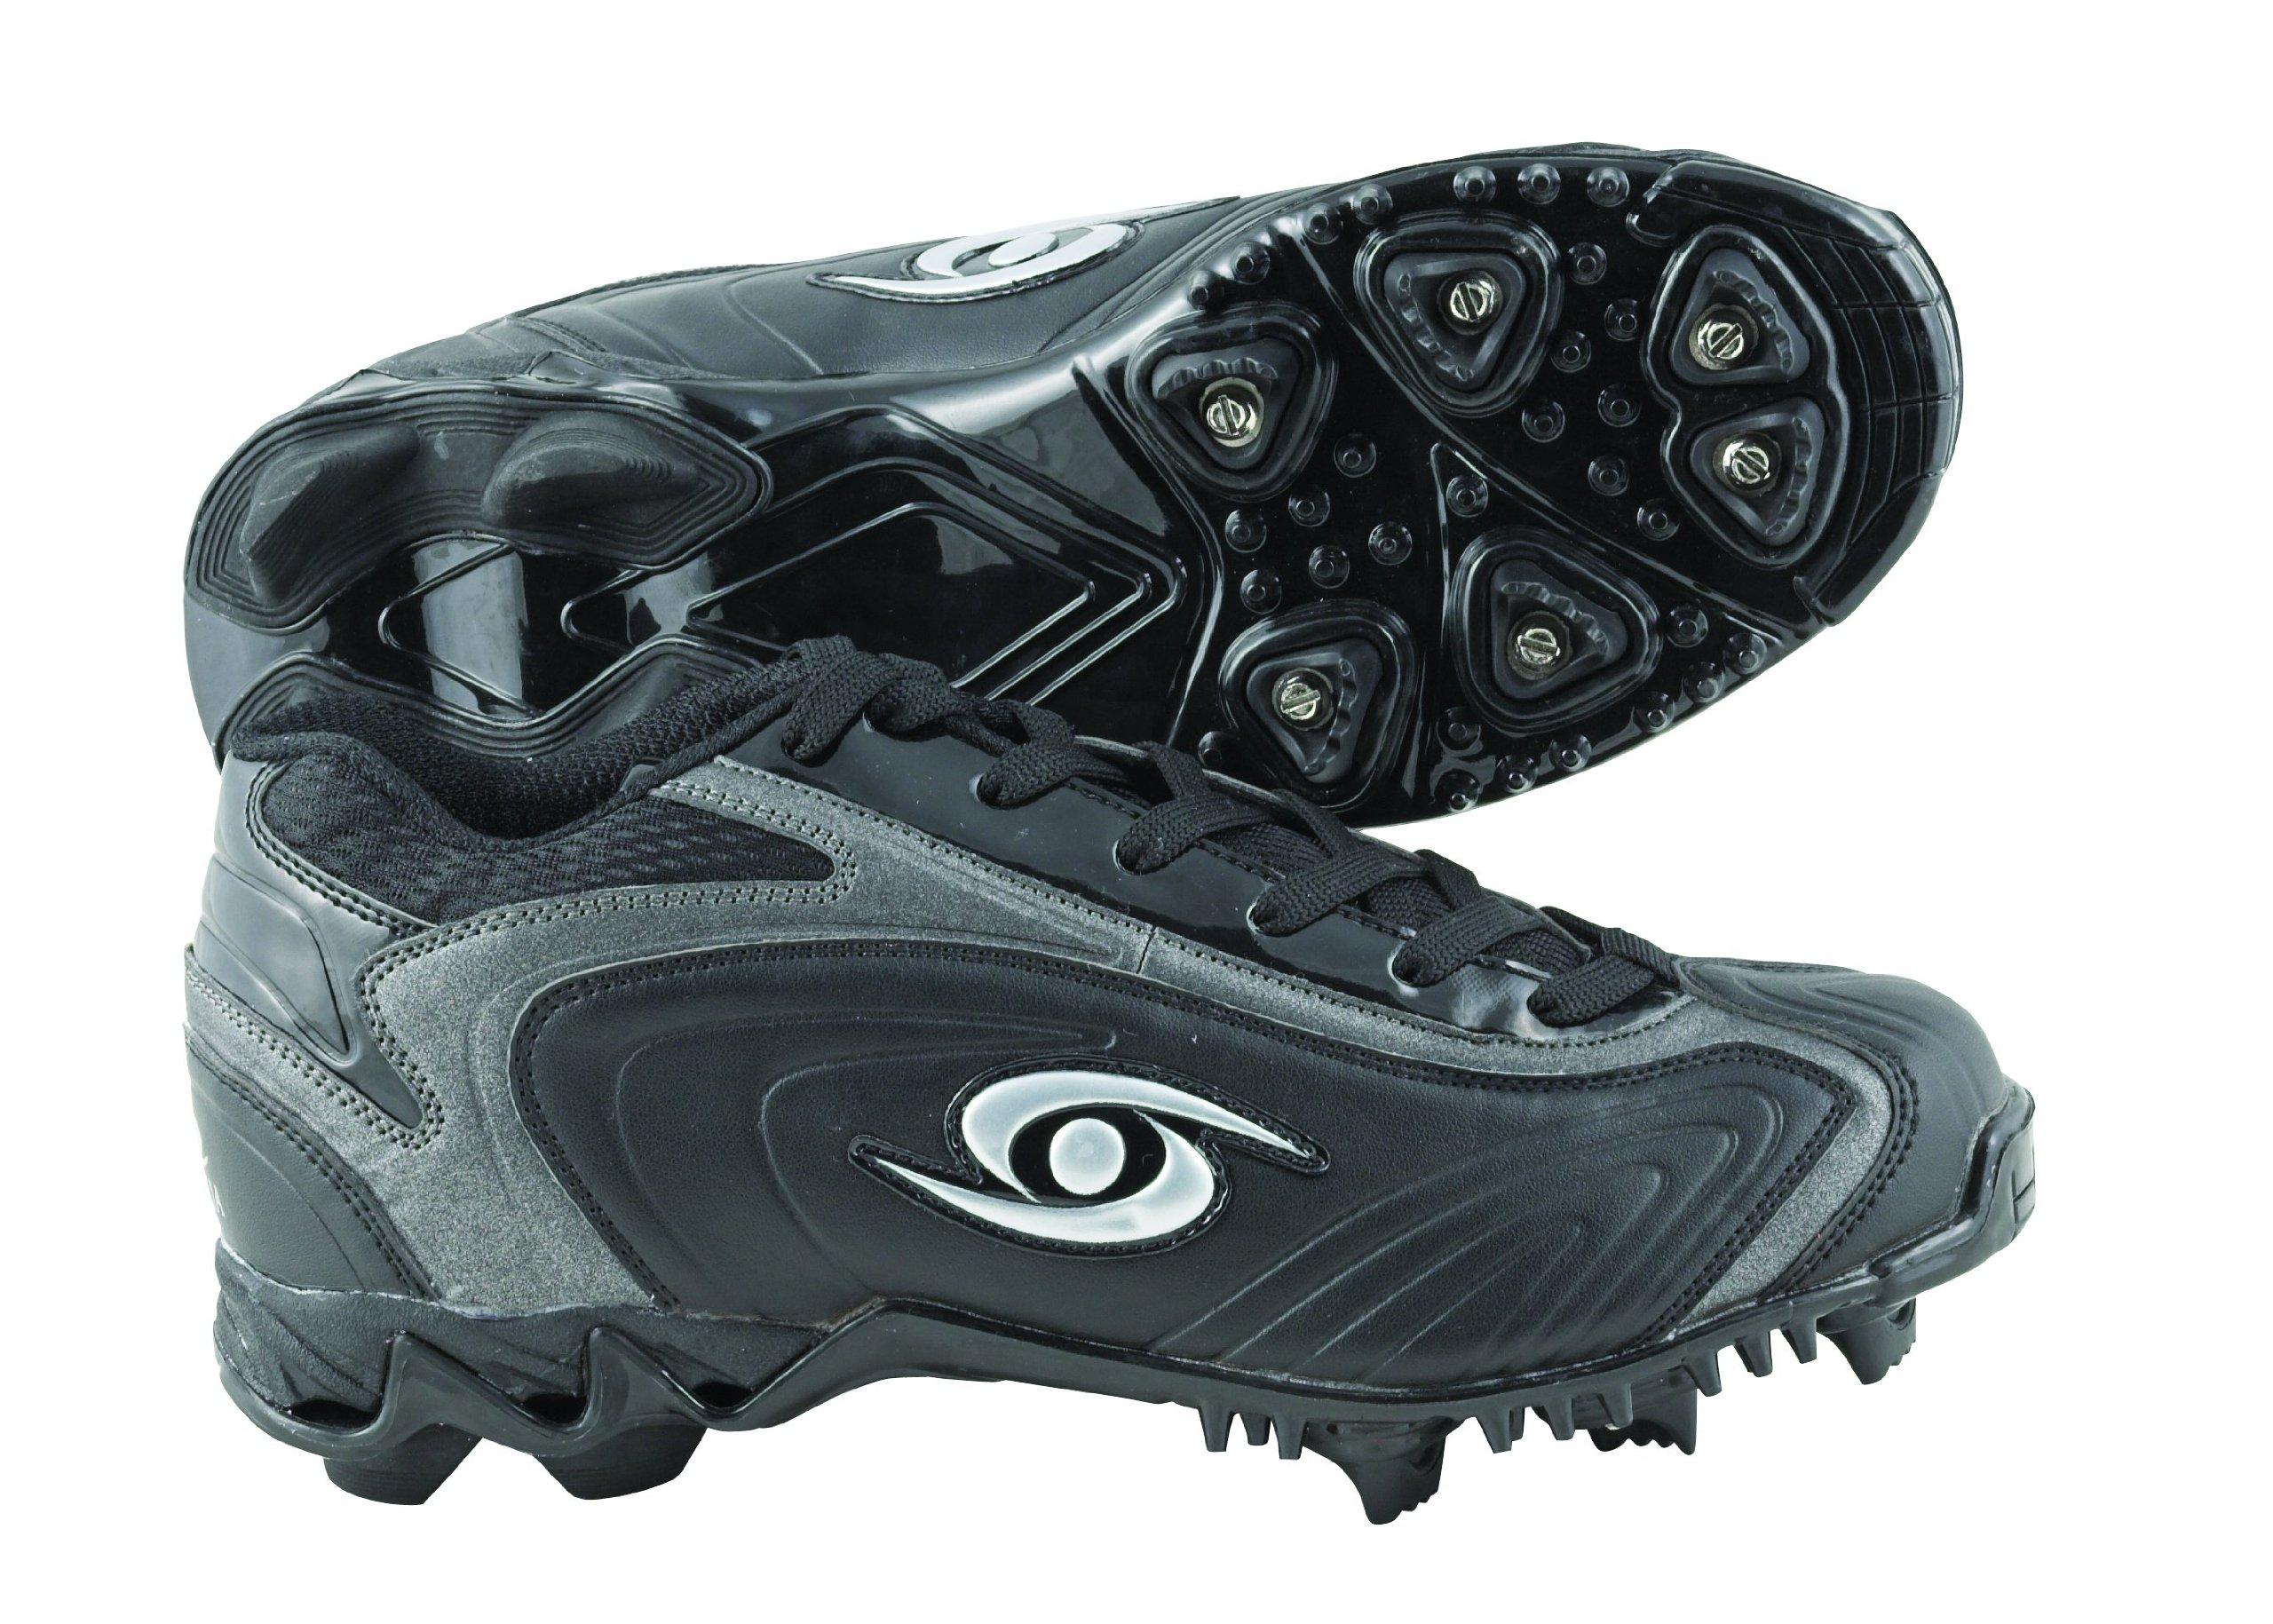 ACACIA Thunder-Mid Baseball/Softball Shoes, Black/Silver, 9.5 by Acacia